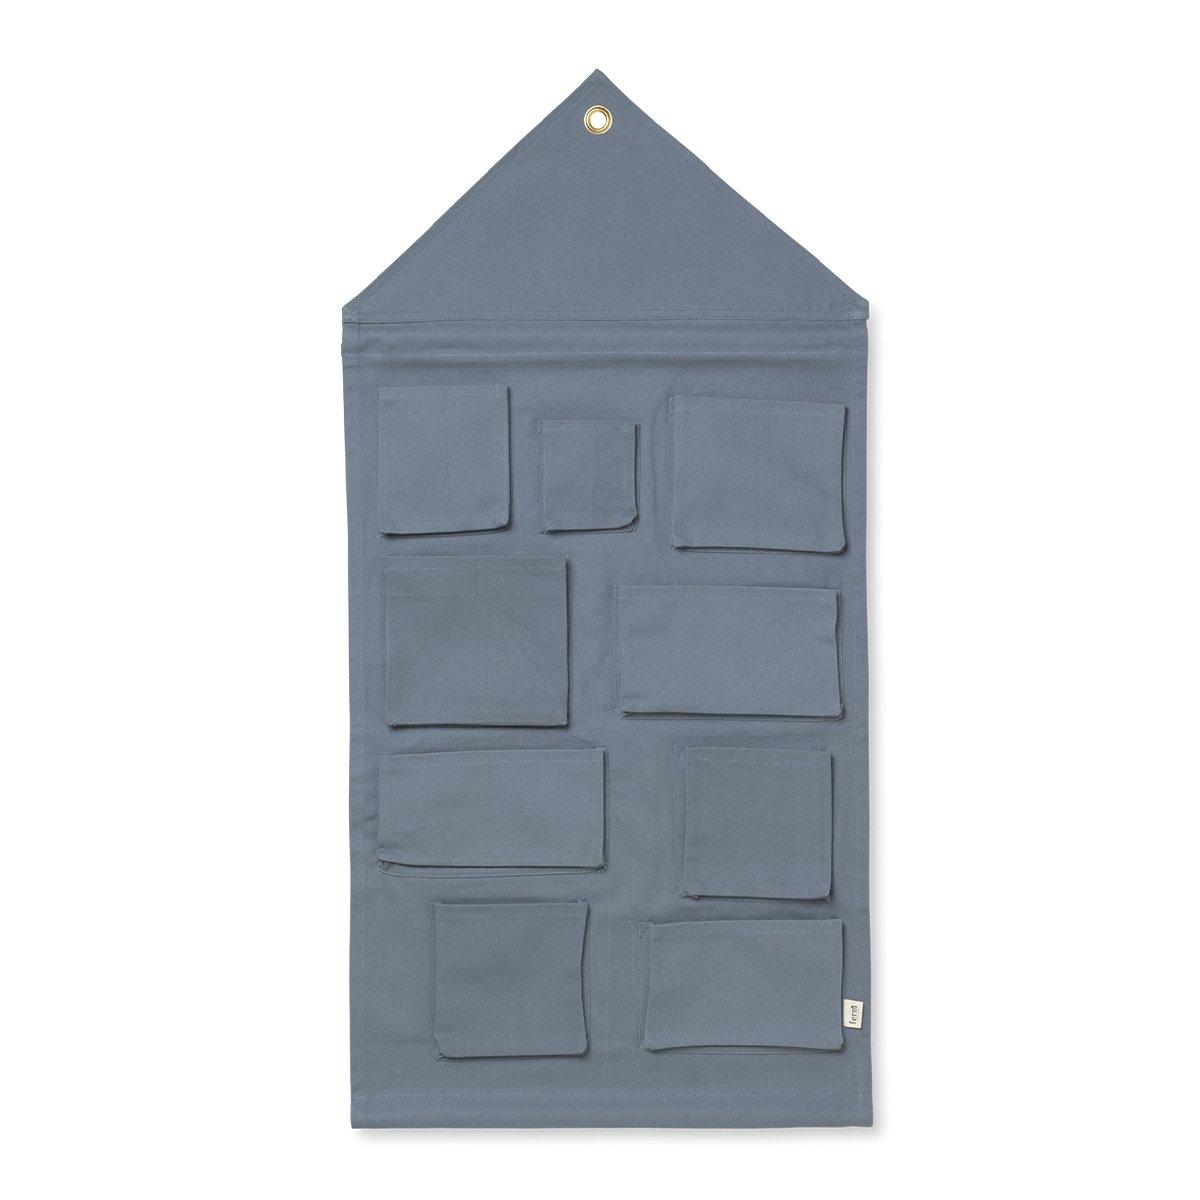 Ferm Living House Wandorganizer - Dusty Blue